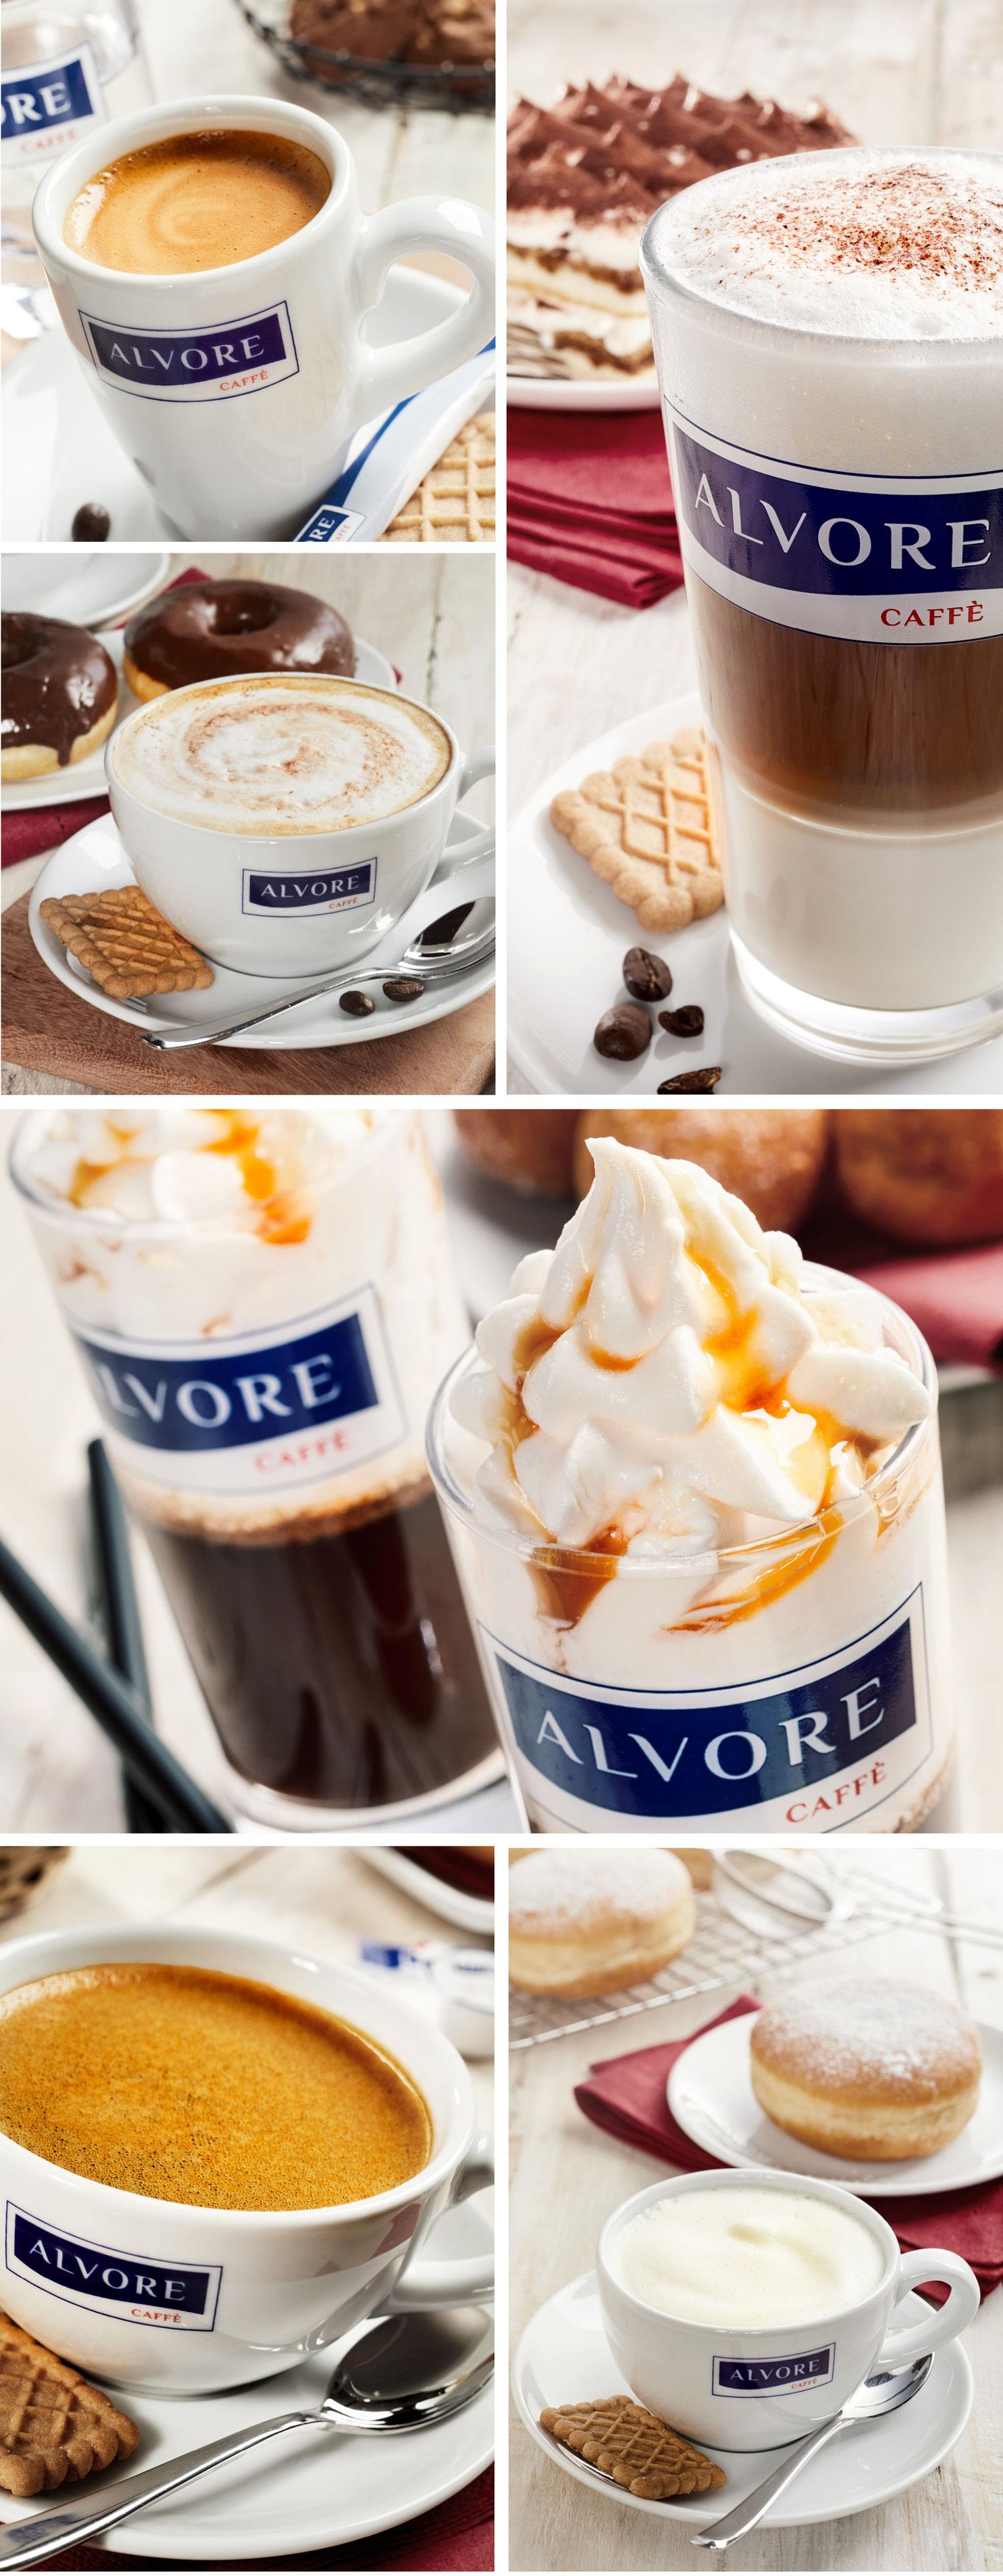 Beverage Fotografie vom Foodfotografen Daniel Reiter von verschiedenen Kaffeeprodukten wie Milchkaffee,Latte Machiato,Espresso mit Kuchen im Hintergrund